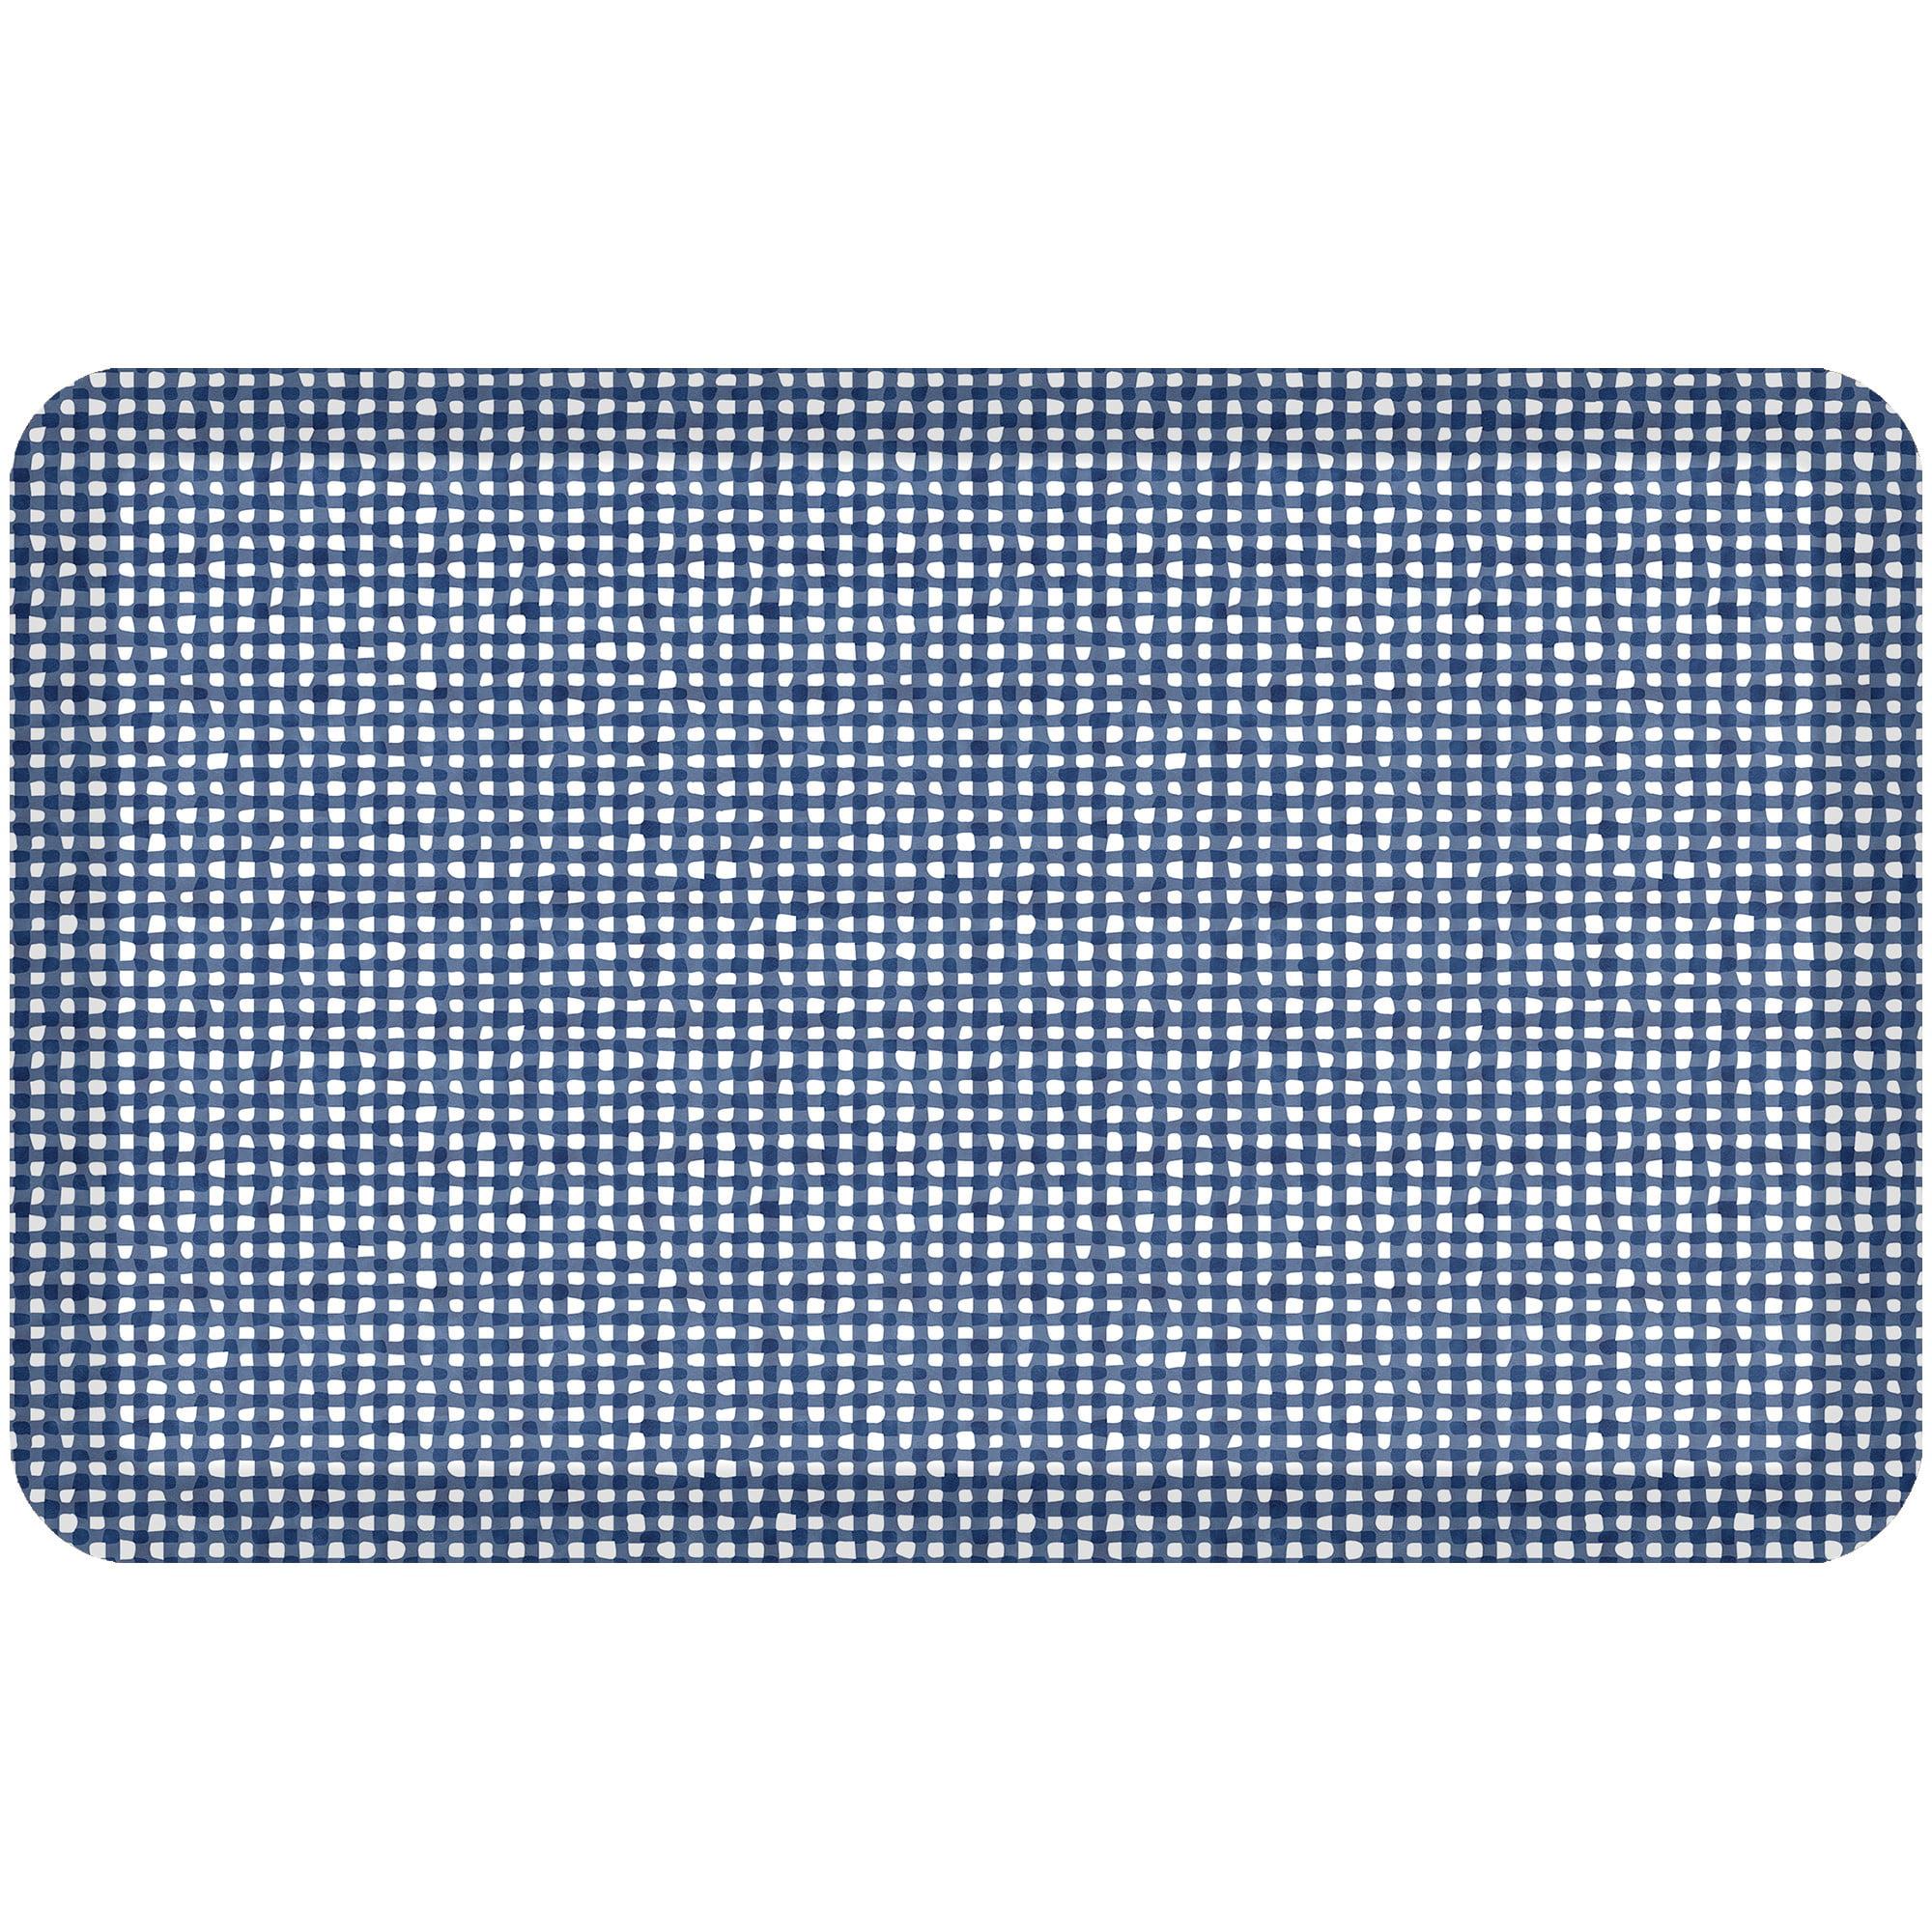 NewLife By GelPro Designer Comfort Kitchen Floor Mat Carlyle Blueberry - 20x32